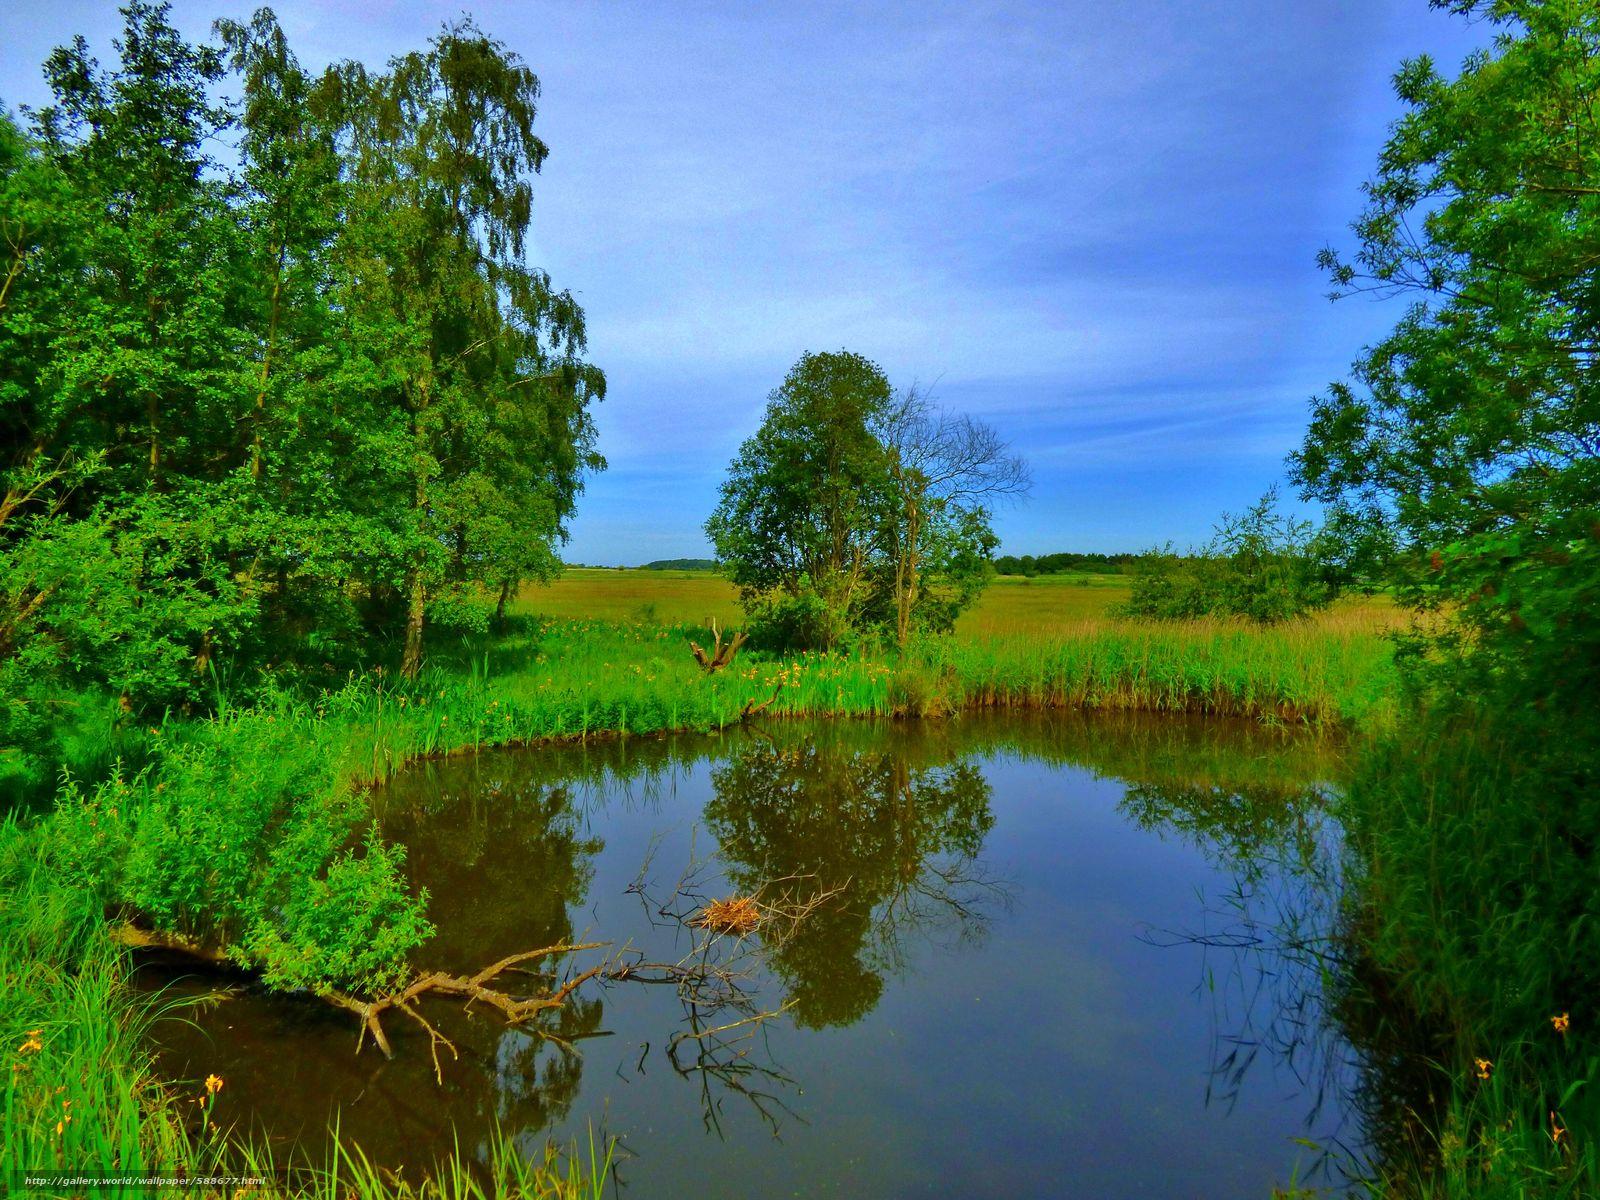 Tlcharger Fond d'ecran étang,  arbres,  ciel,  domaine Fonds d'ecran gratuits pour votre rsolution du bureau 4608x3456 — image №588677